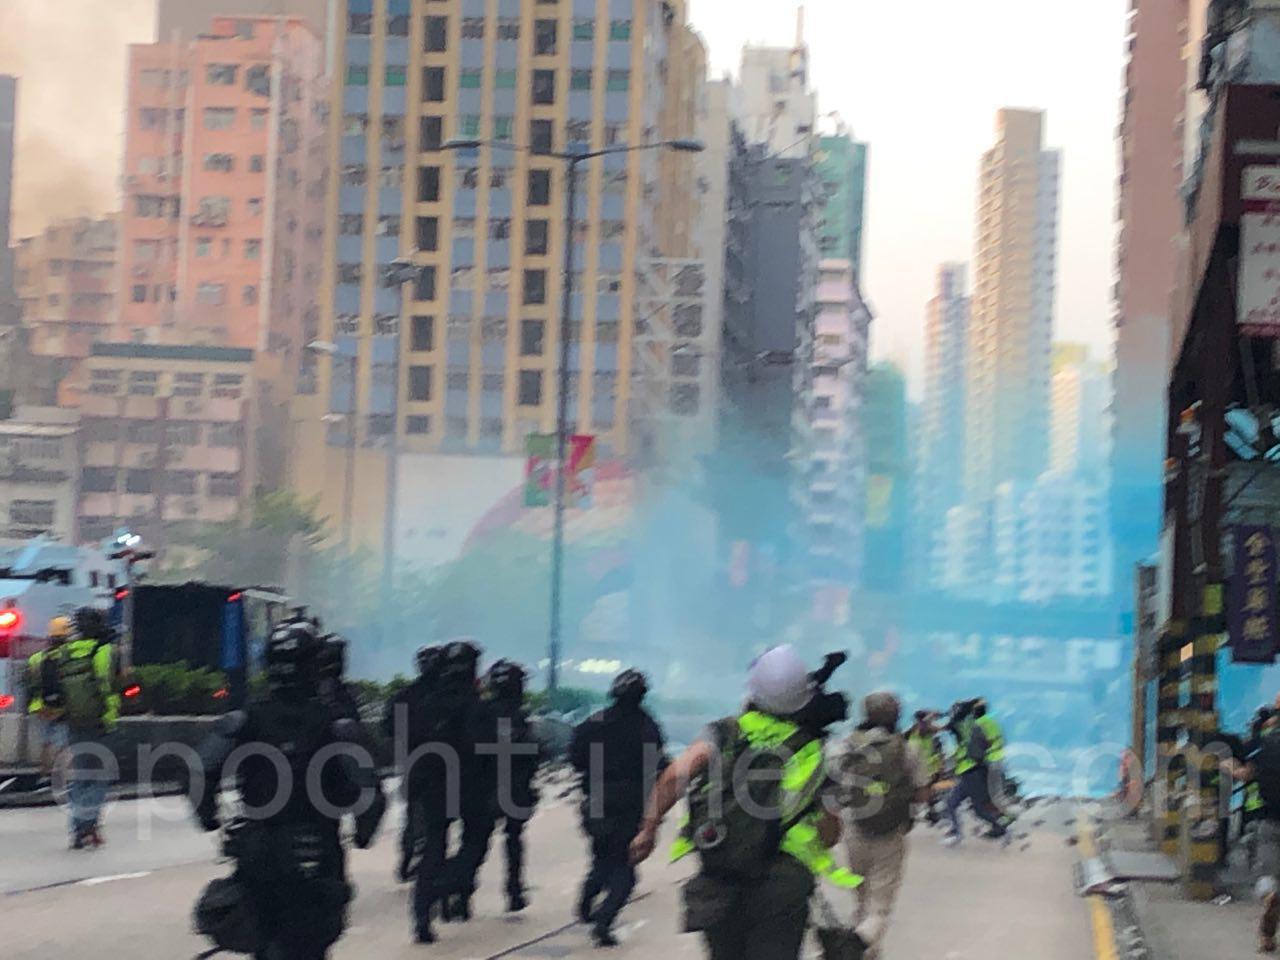 10月20日,在催淚彈和水炮車的噴射下, 35萬港人遊行反惡法 促重組警隊。(宋碧龍/大紀元)